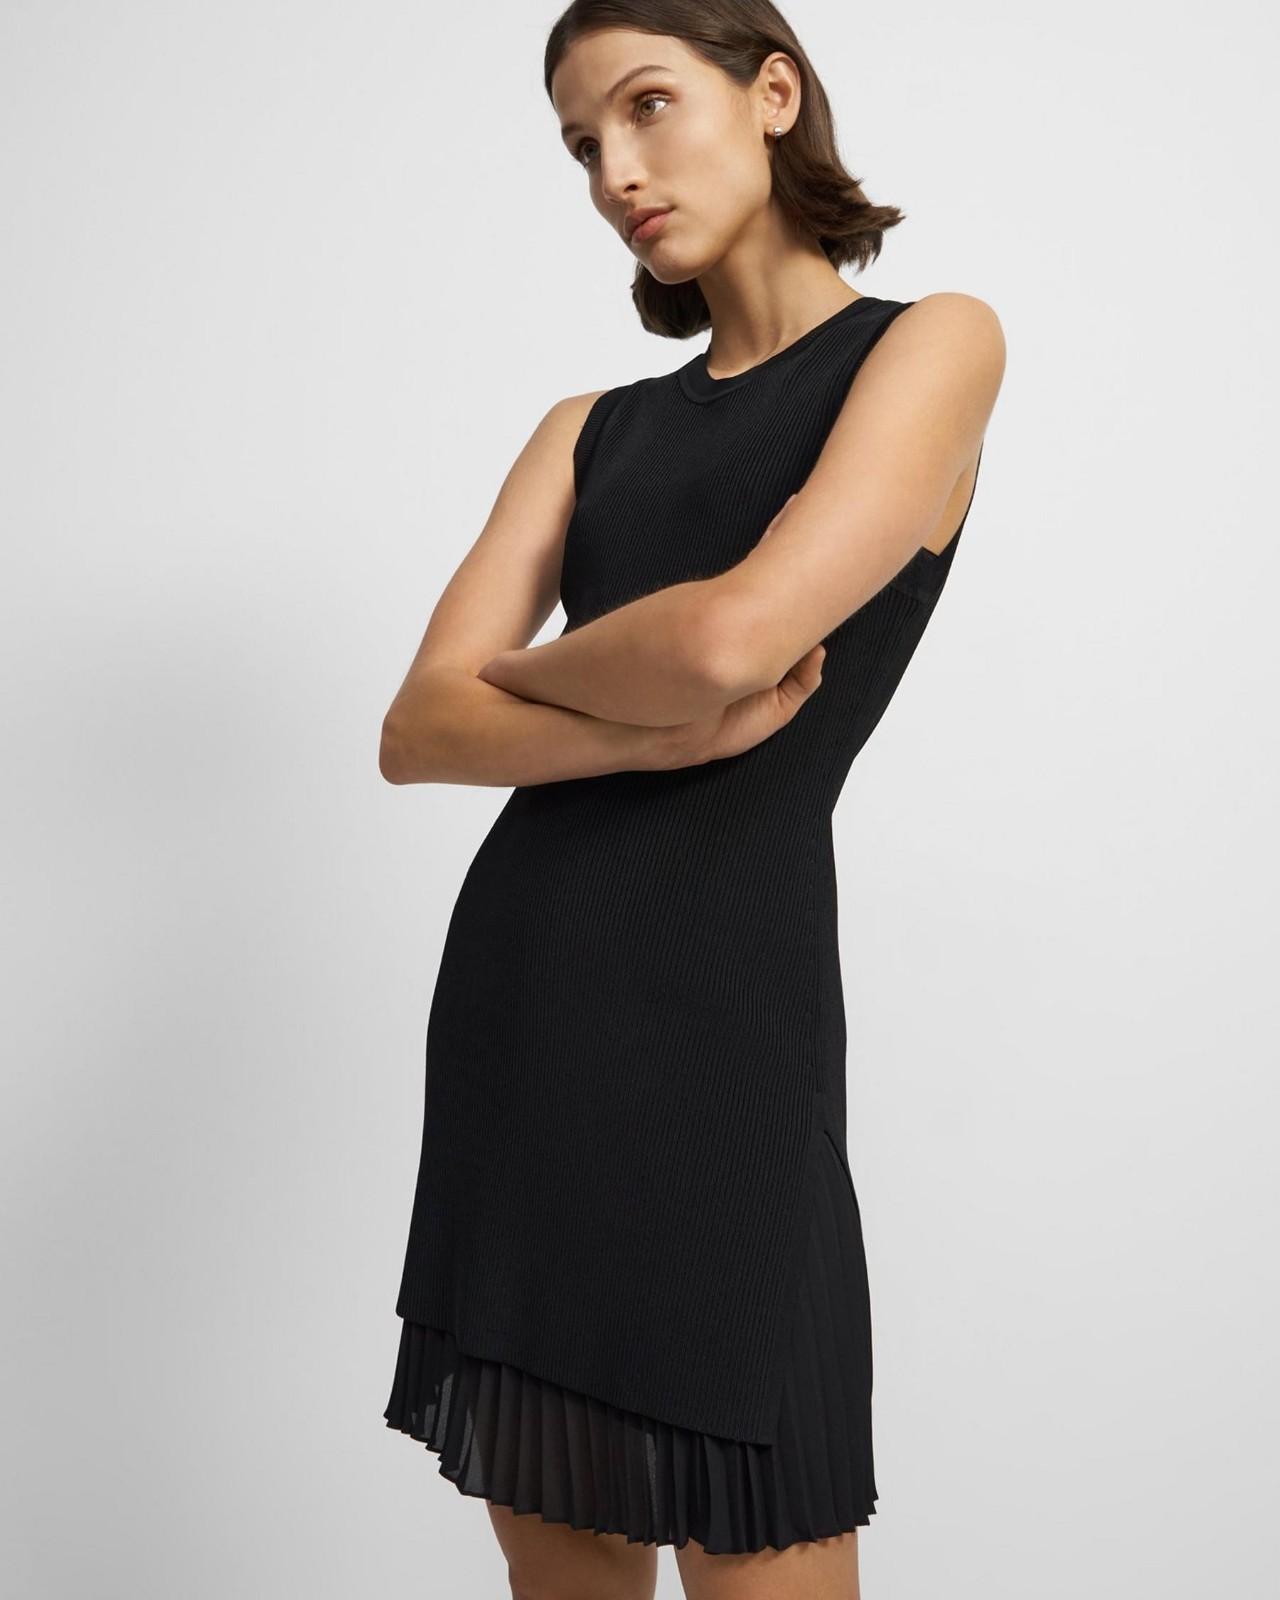 罗纹针织褶皱无袖连体裙